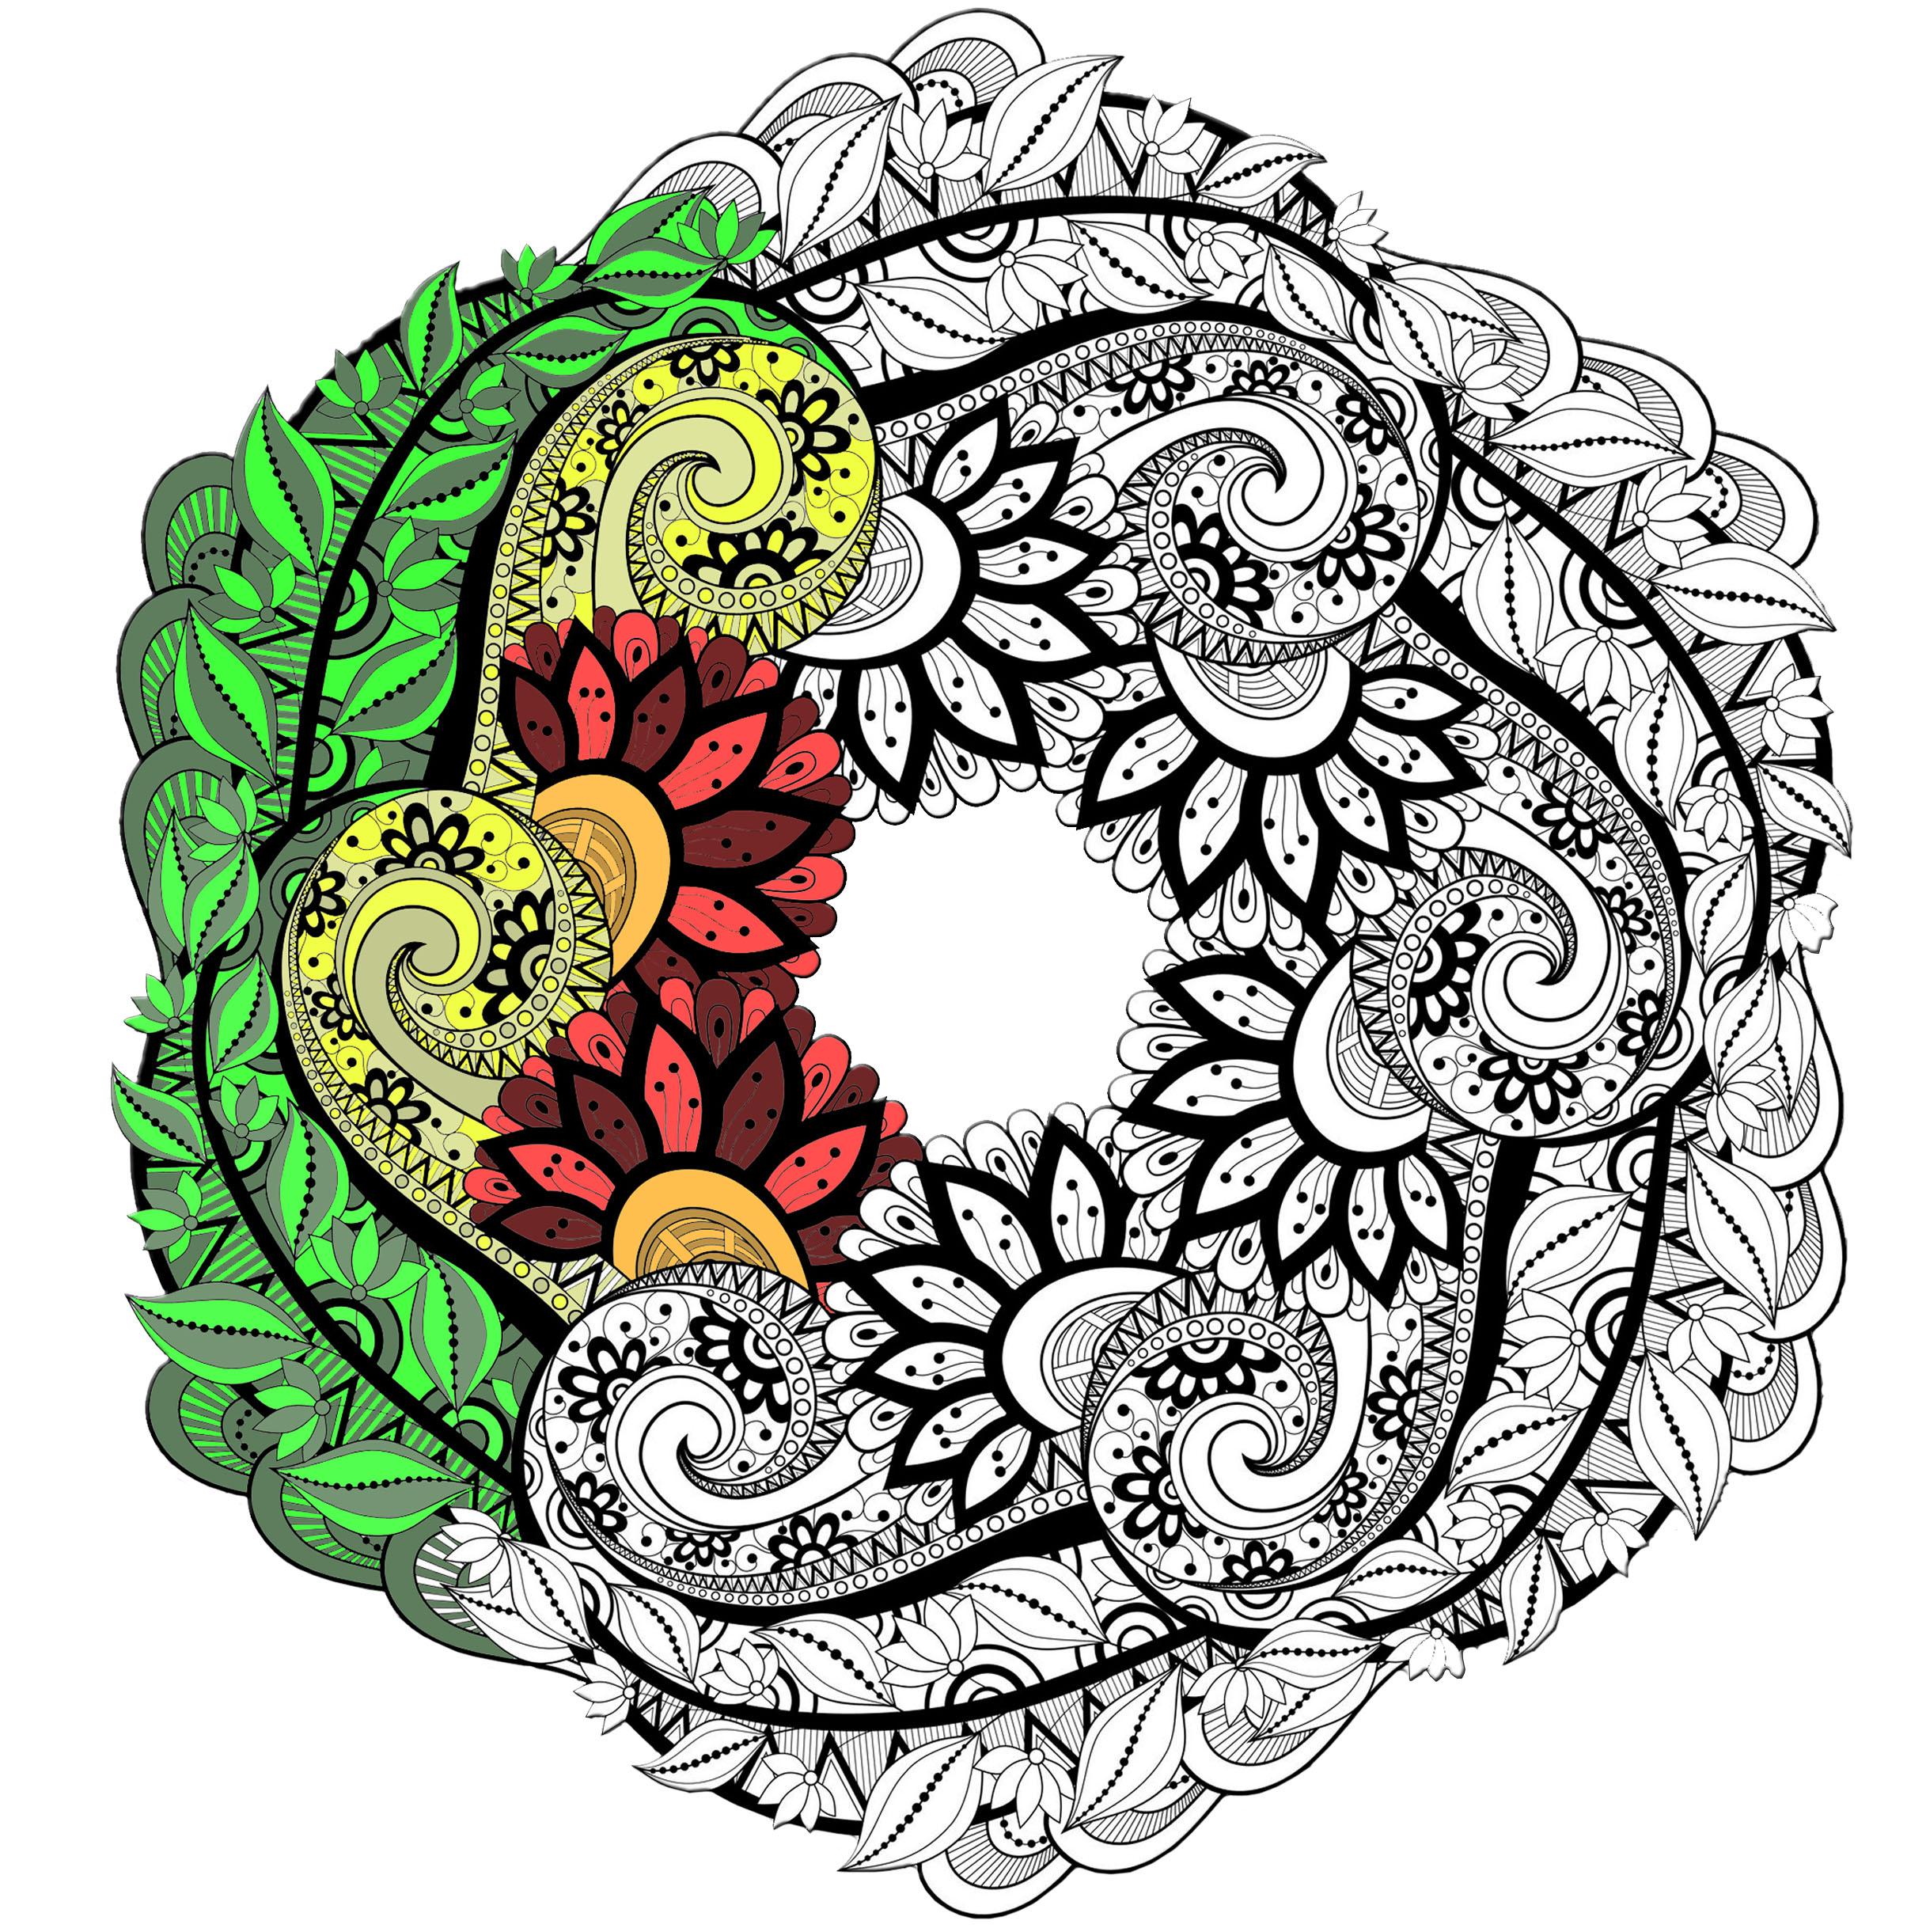 Mandalas - Coloriages Difficiles Pour Adultes concernant Coloriage De Mandala Difficile A Imprimer